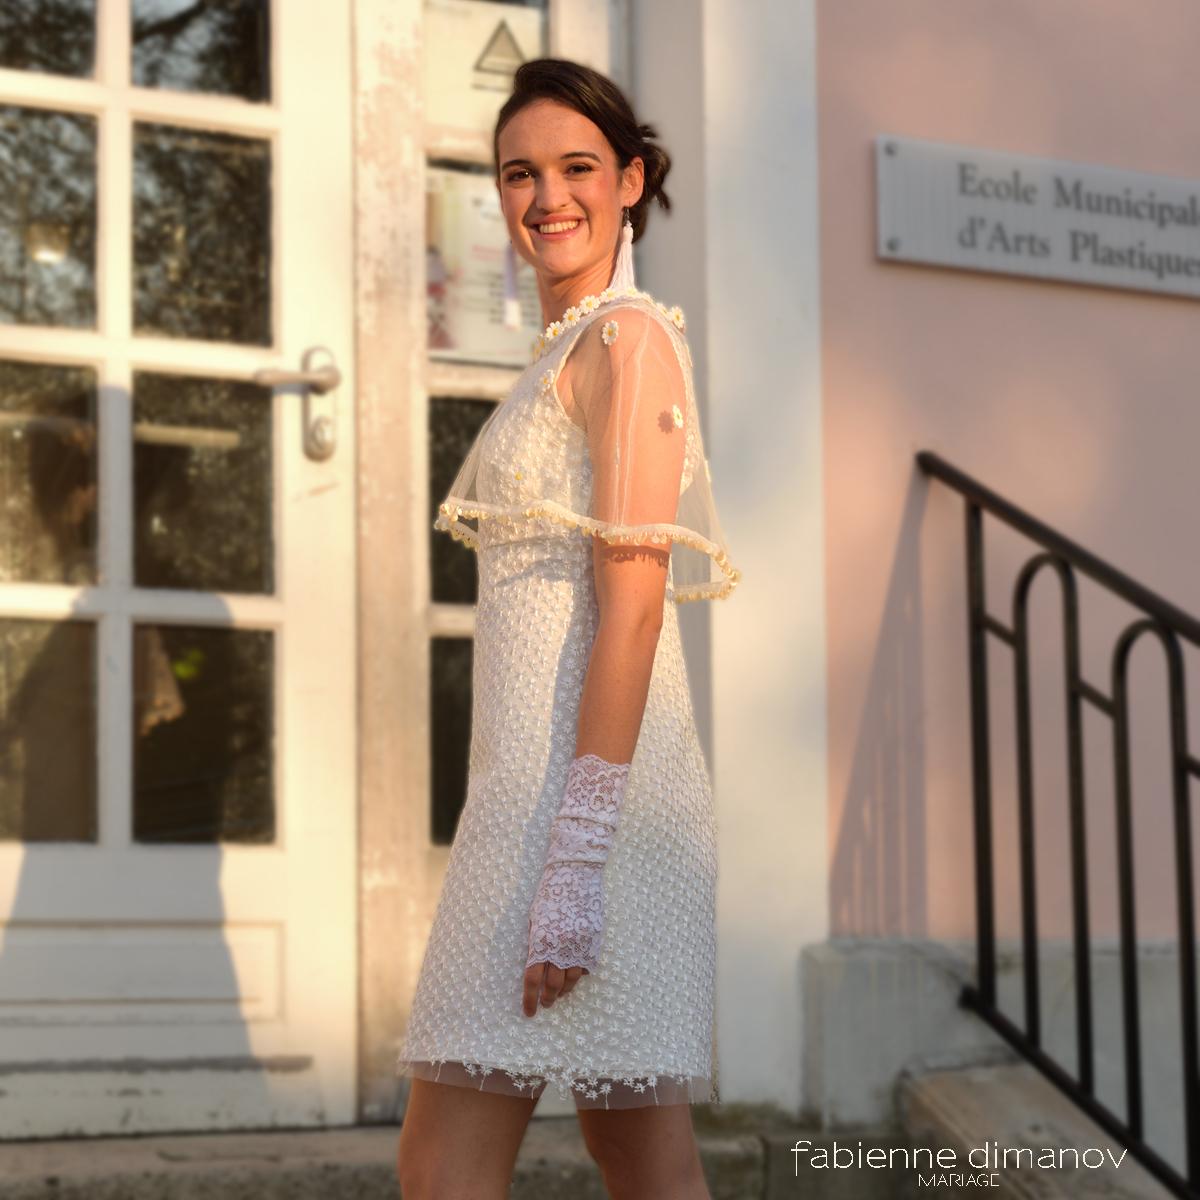 Daisy – Les petites histoires D'A – Fabienne Dimanov Mariage